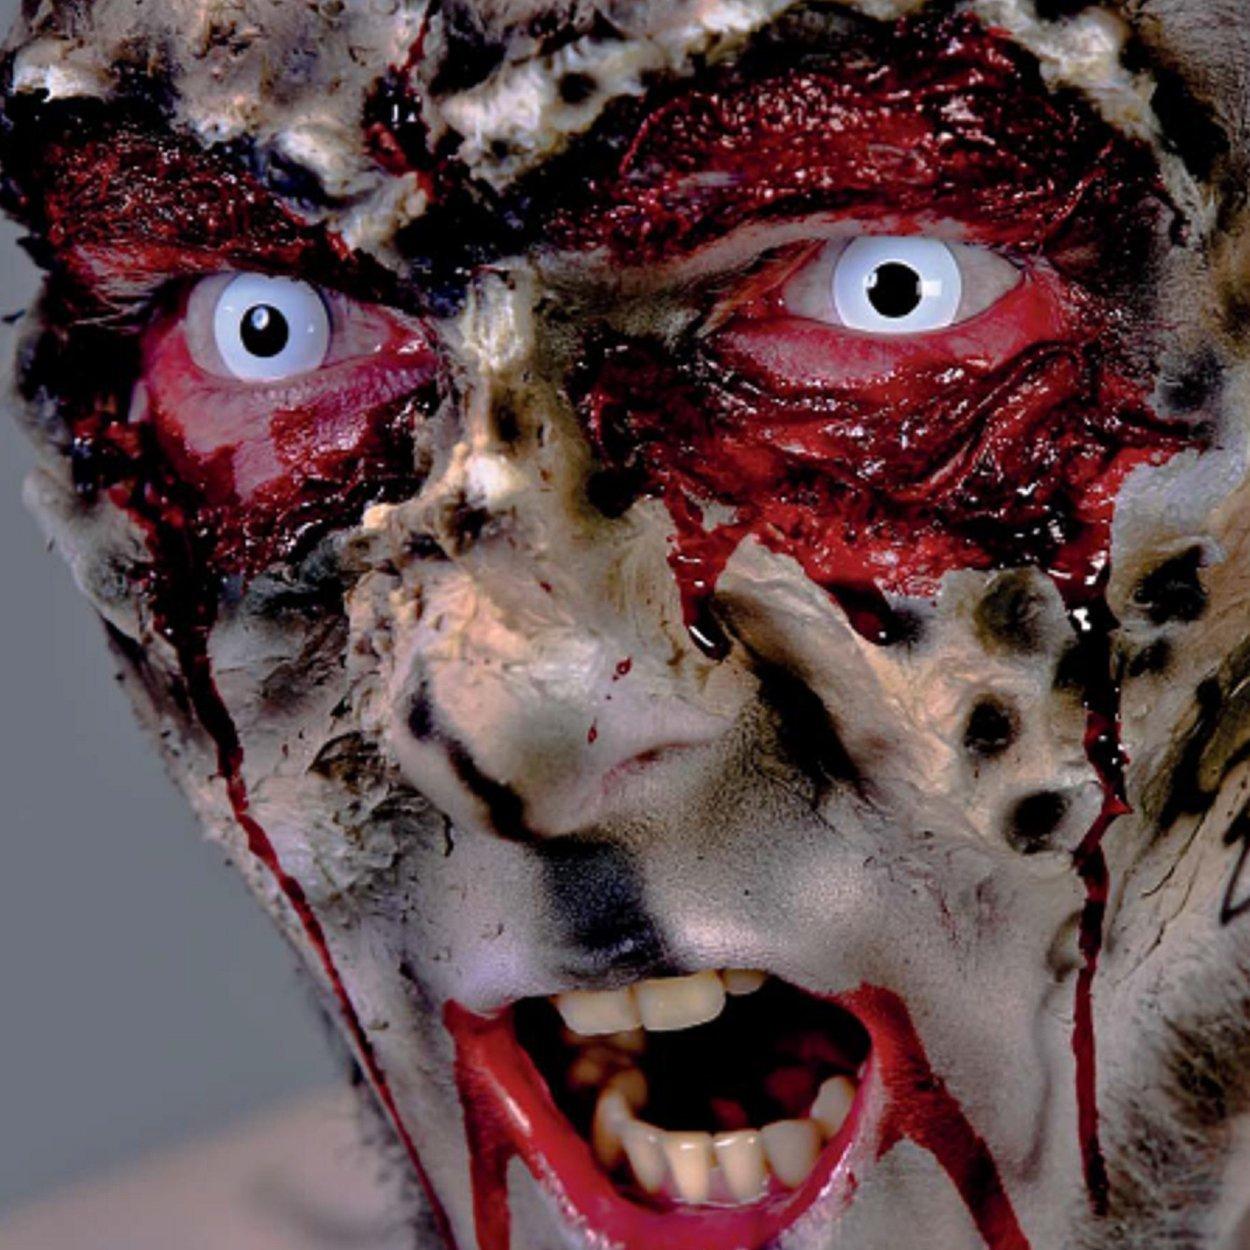 Halloween Zombie Schmink.Zombie Schmink Set Fur Fasching Halloween Mit Weissen Kontaktlinsen Latexmilch Kunstblut Horror Schminke Makeup Narbe Wunde Schminken